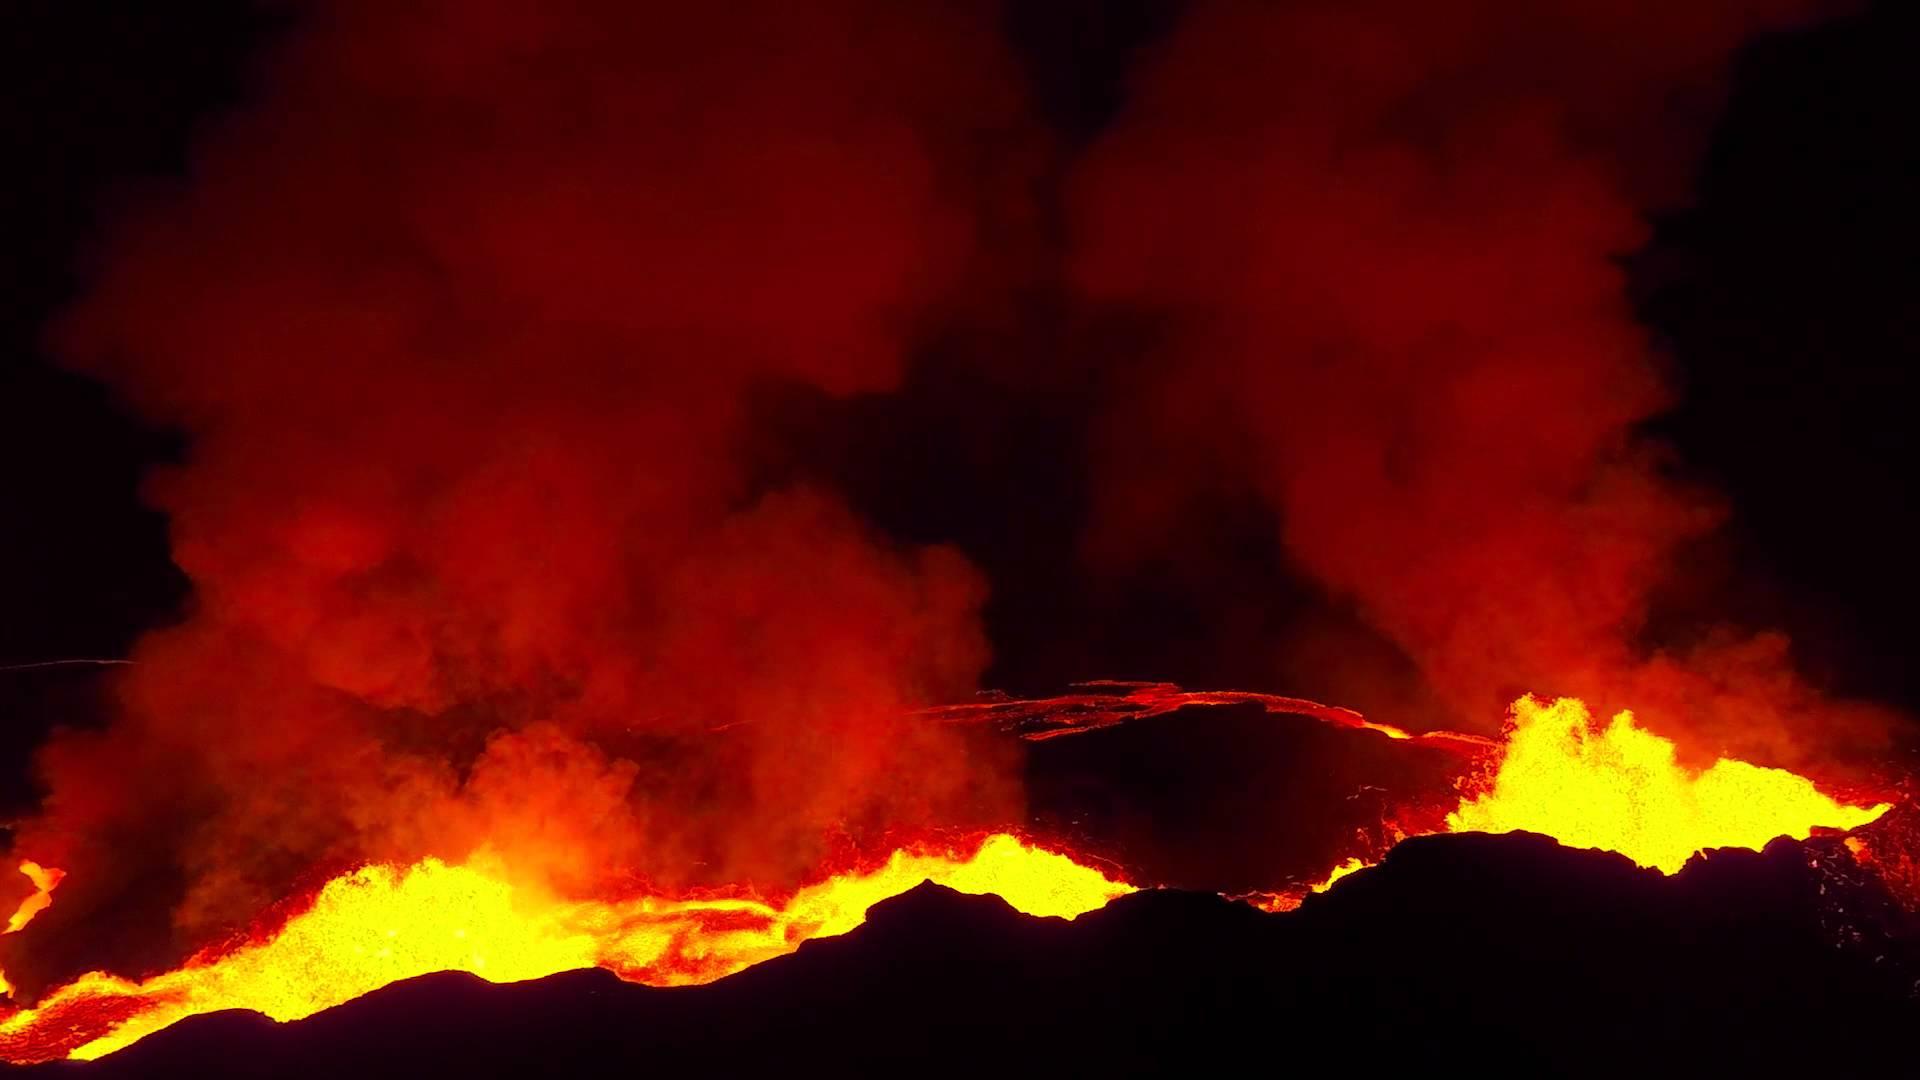 Дрону удалось приблизиться к извергающемуся вулкану и создать уникальную съемку